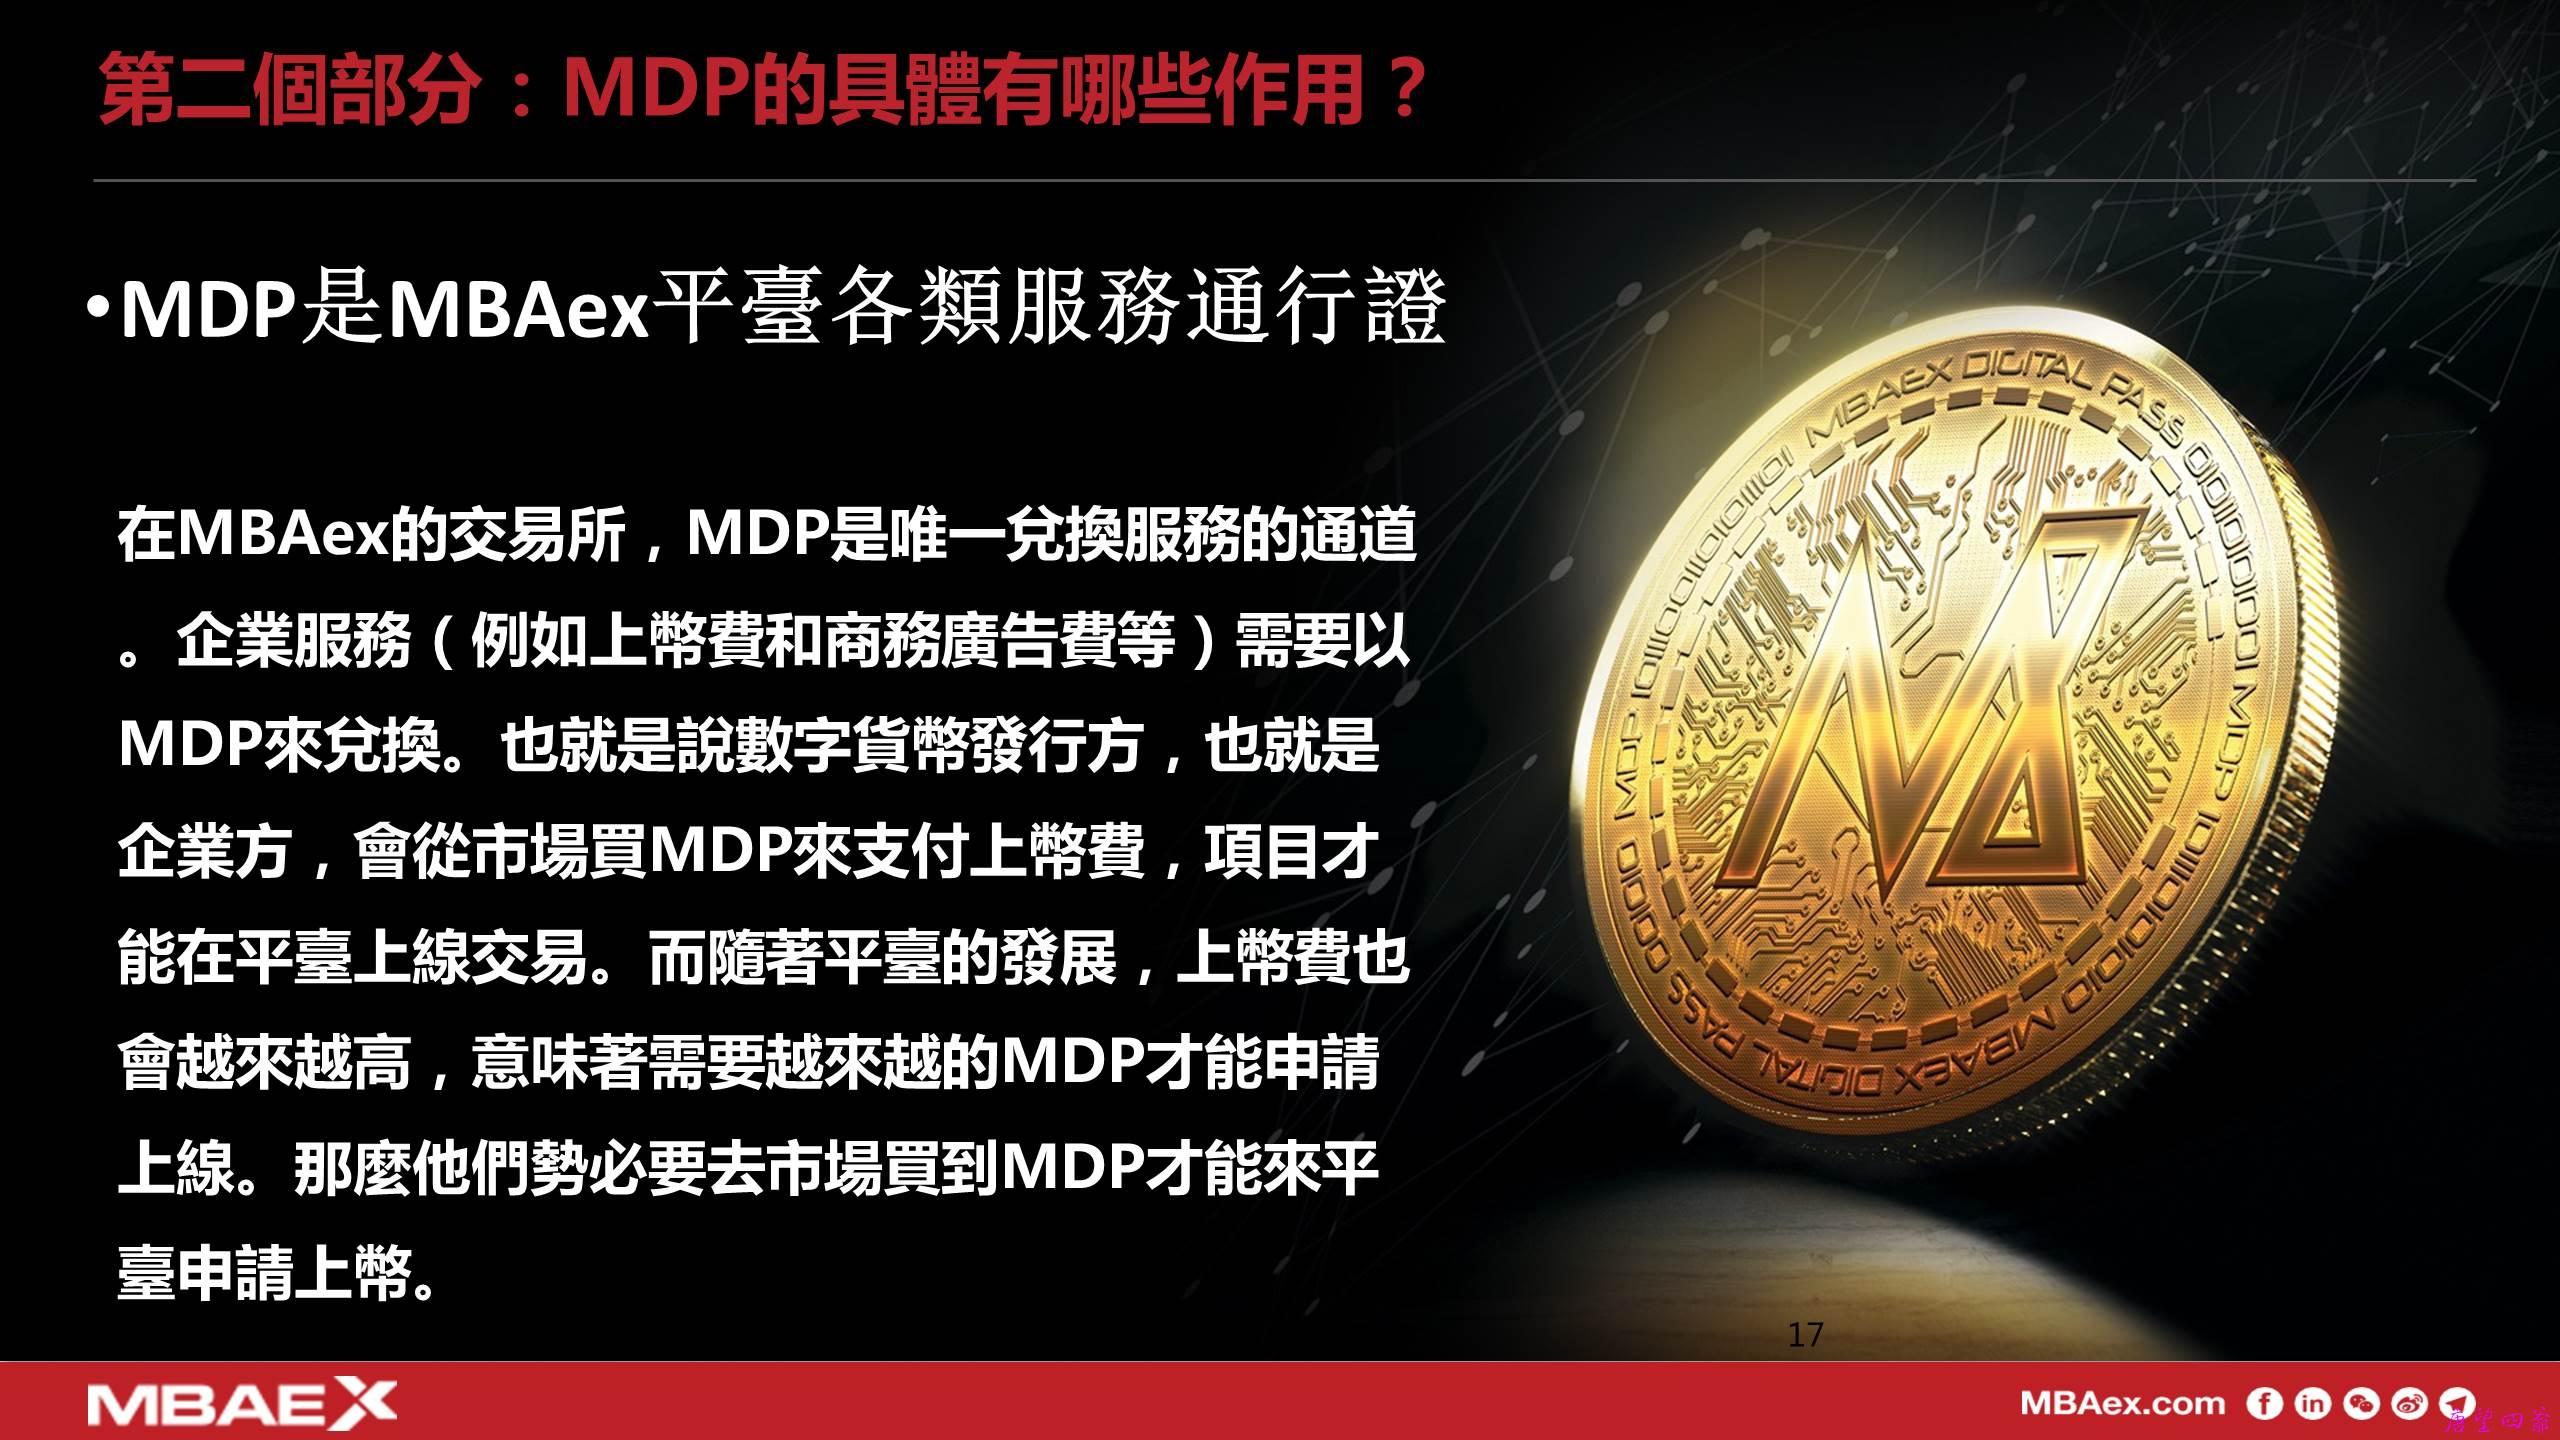 MDP主要有哪些作用